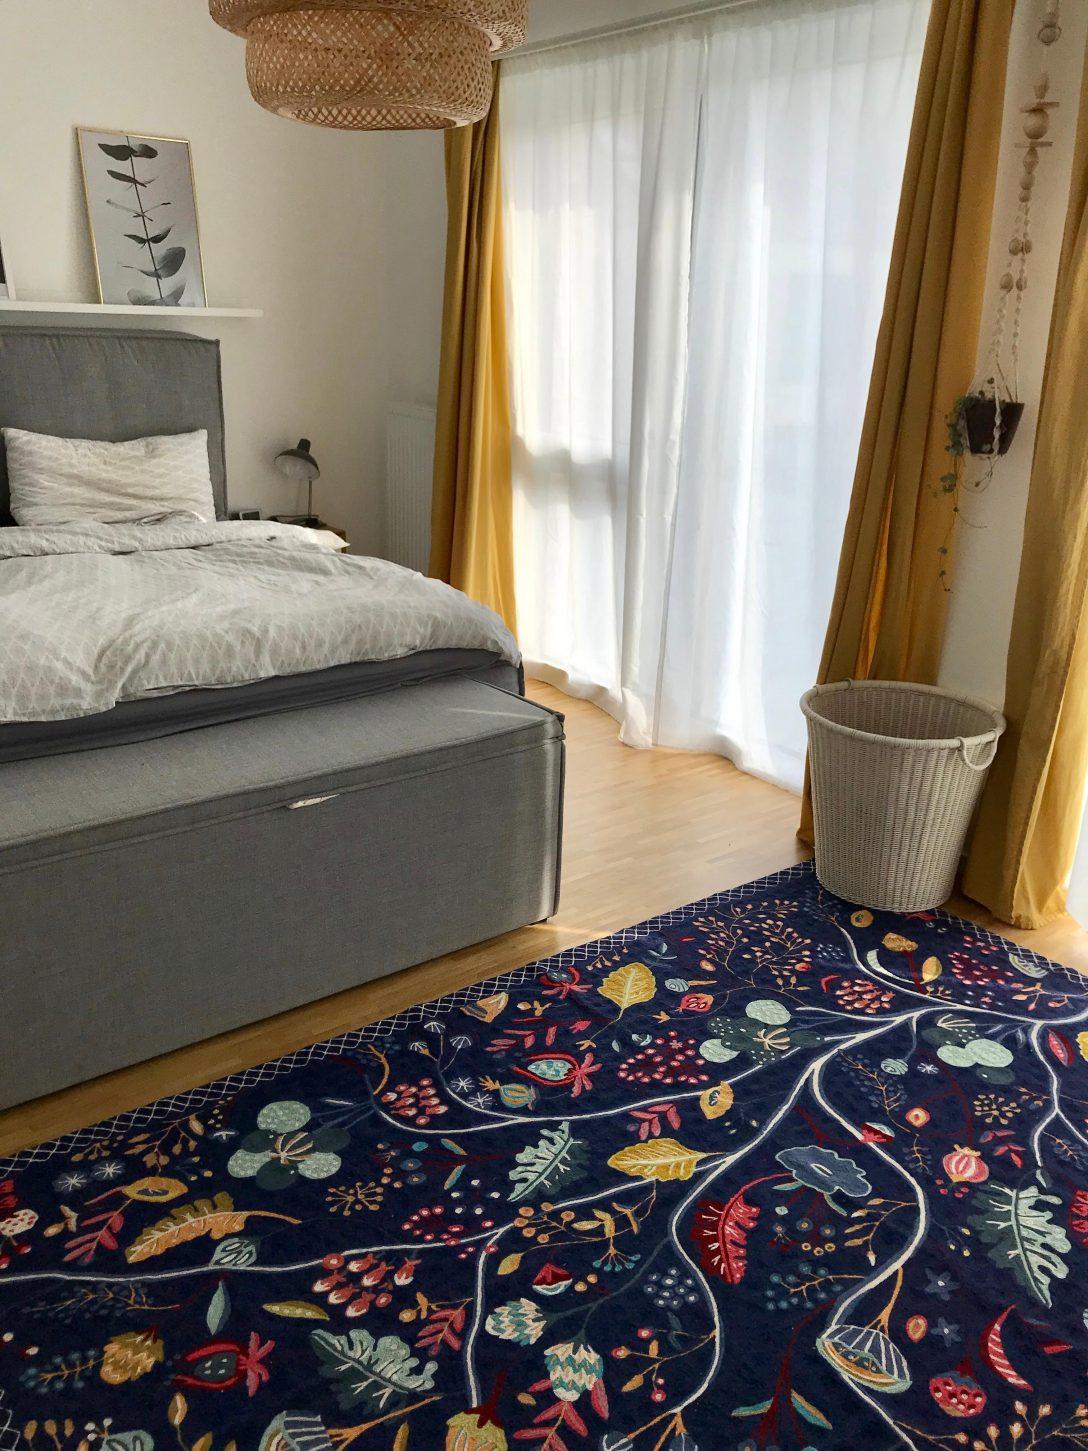 Large Size of Livingchallenge Teppich Schlafzimmerlieblingsplat Schlafzimmer Günstig Stuhl Eckschrank Komplett Weiß Sessel Steinteppich Bad Vorhänge Landhausstil Schlafzimmer Teppich Schlafzimmer